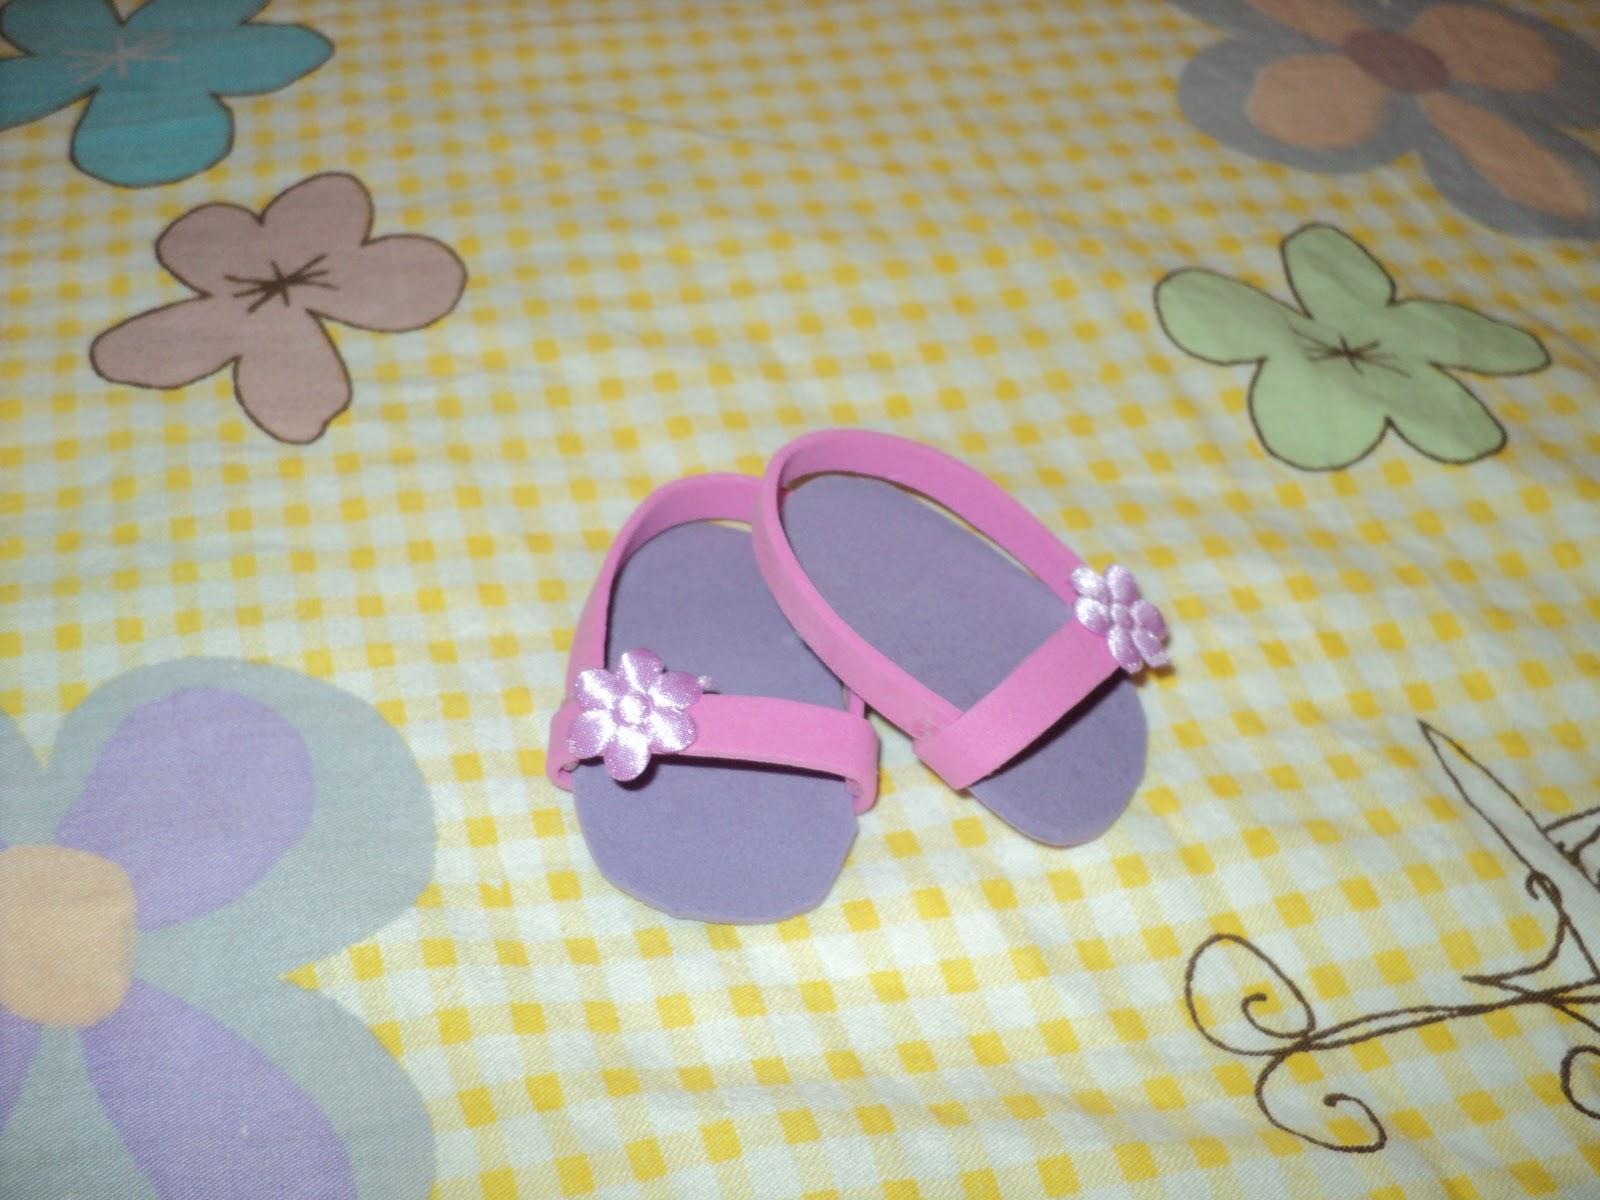 ... Crafty: Sandalias para la muñeca American Girl, hecho con Foami